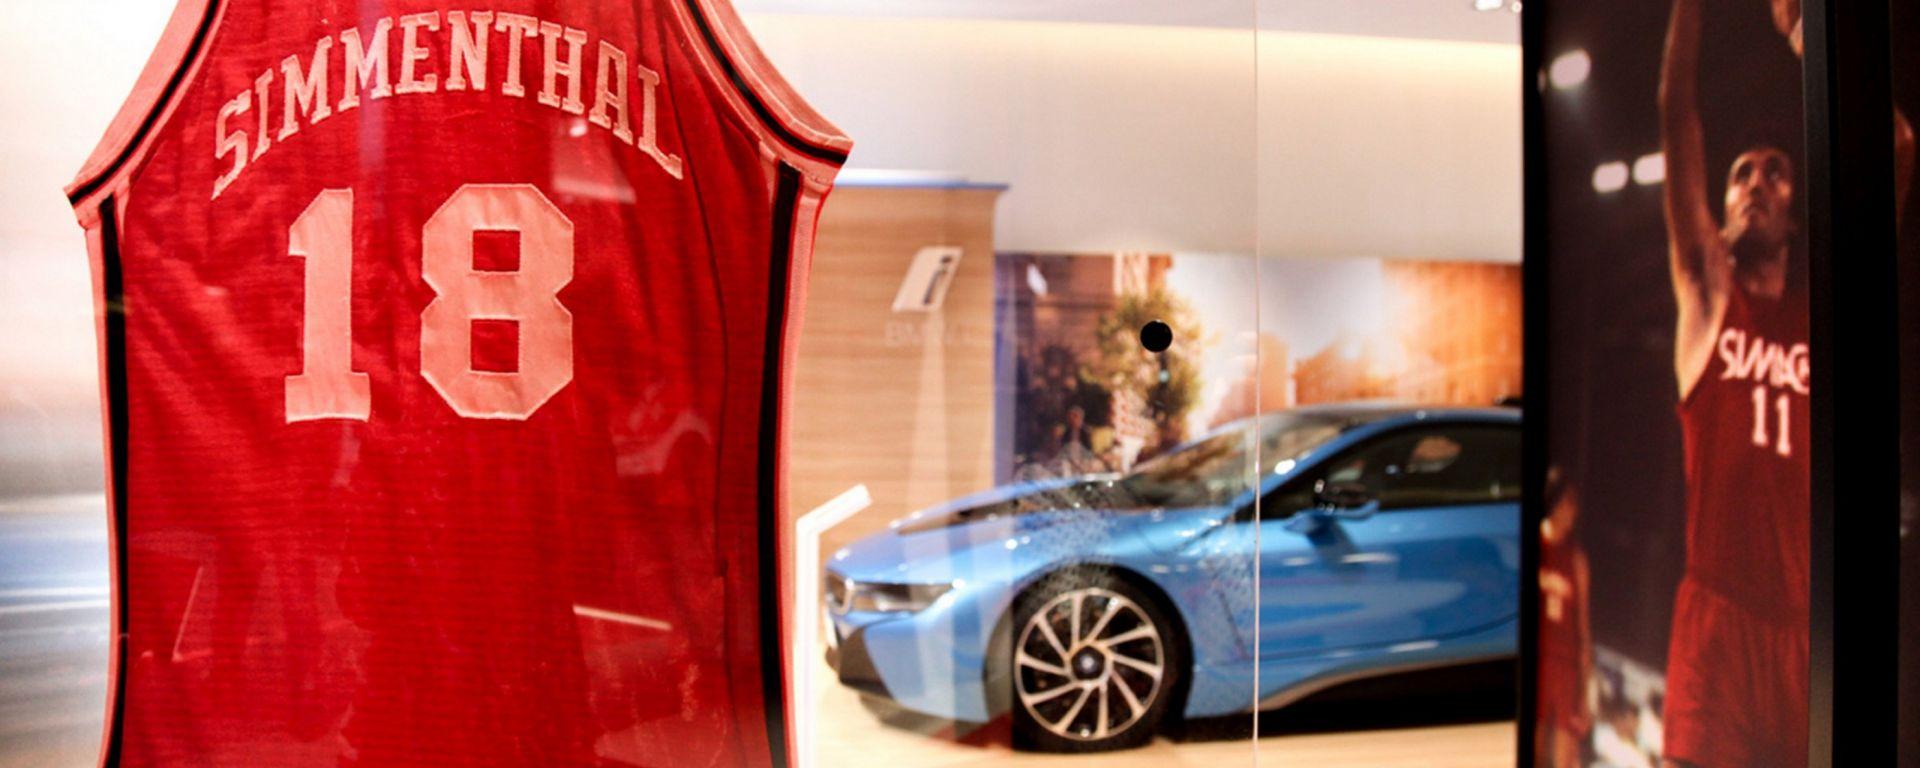 80limpia: BMW Milano ospita la mostra sulle Scarpette Rosse